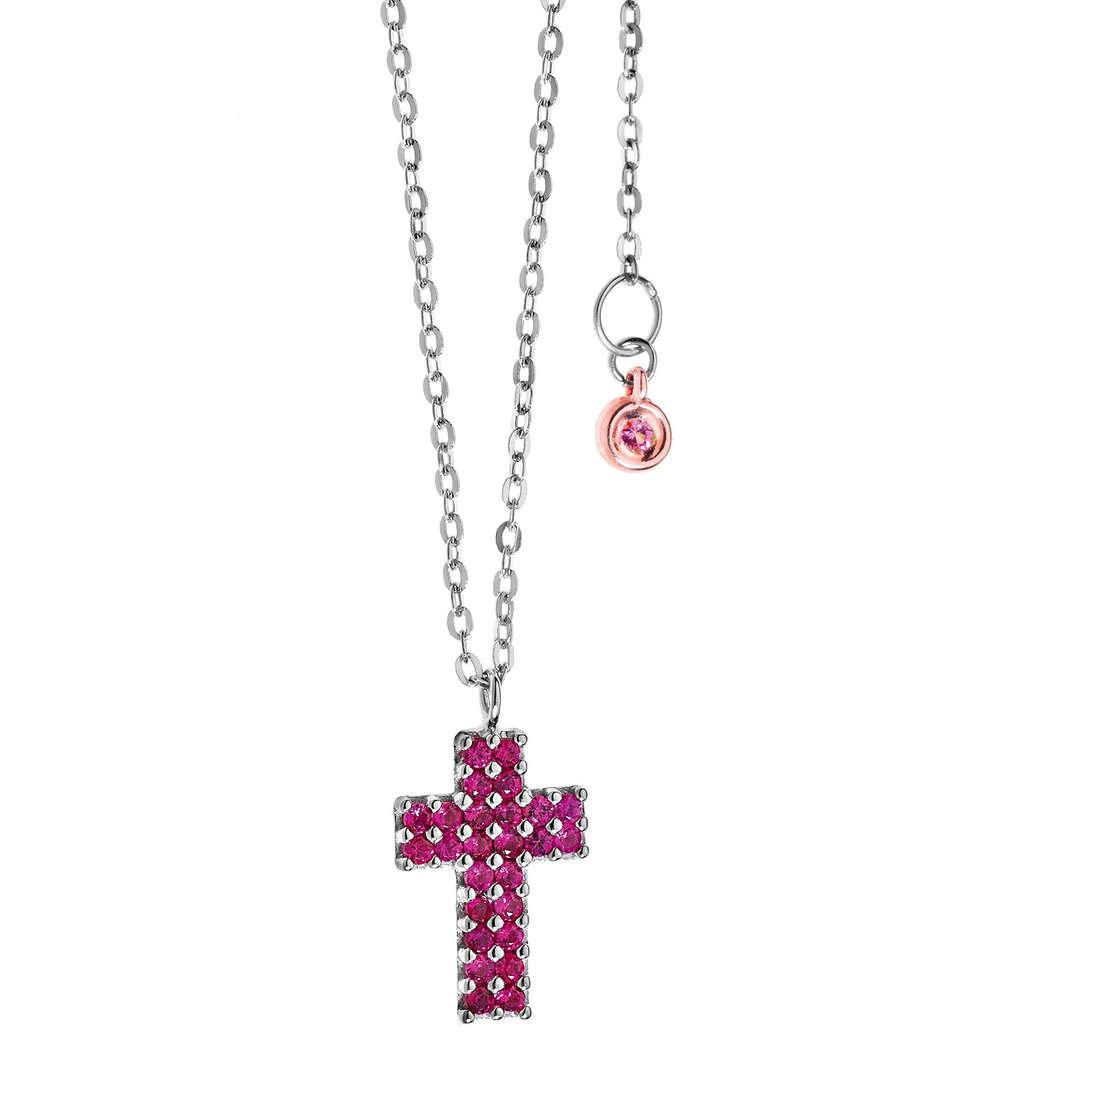 collana donna gioielli Comete Pietre preziose colorate GLB 819